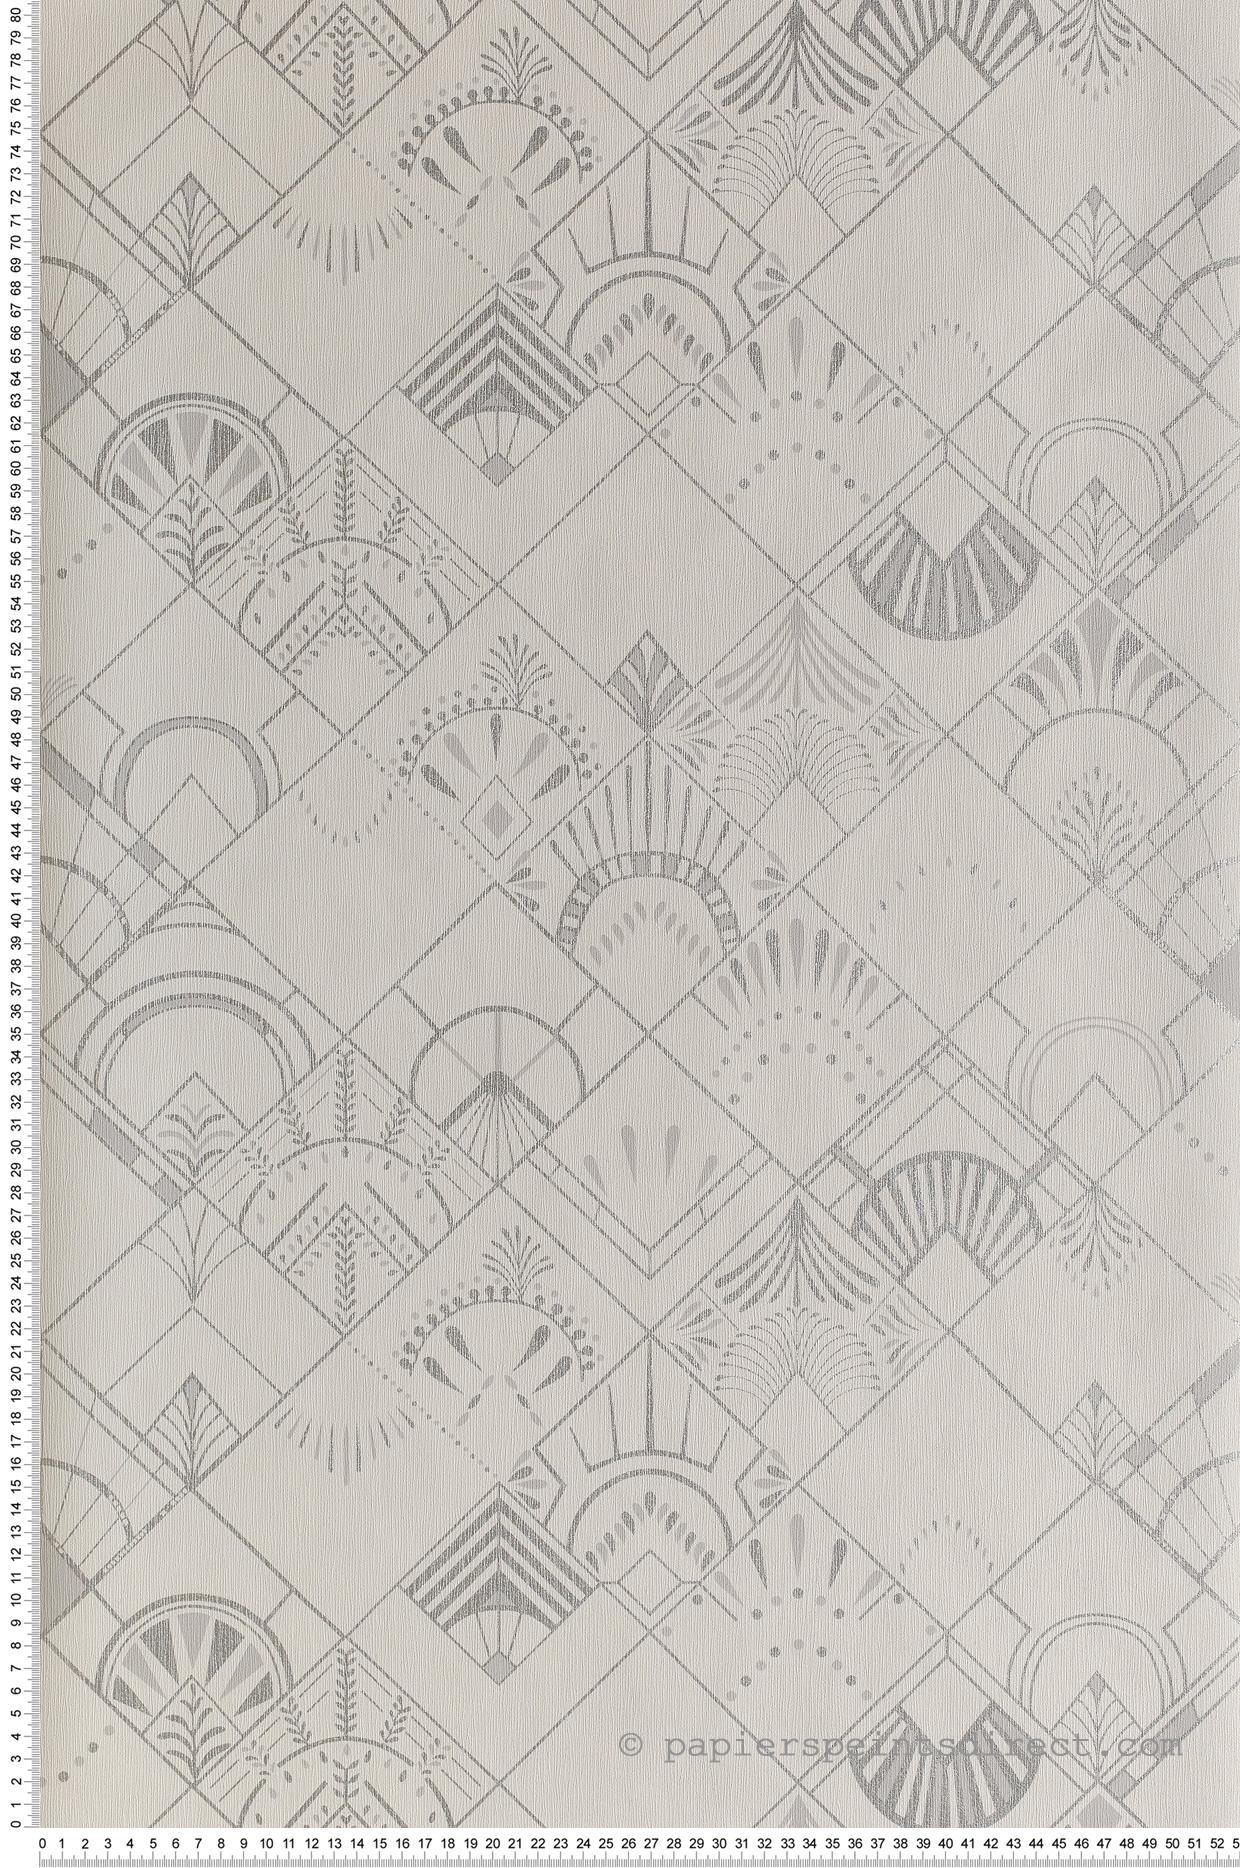 Papier Peint Art Deco Blanc papier peint art déco golden years blanc/argenté - scarlett